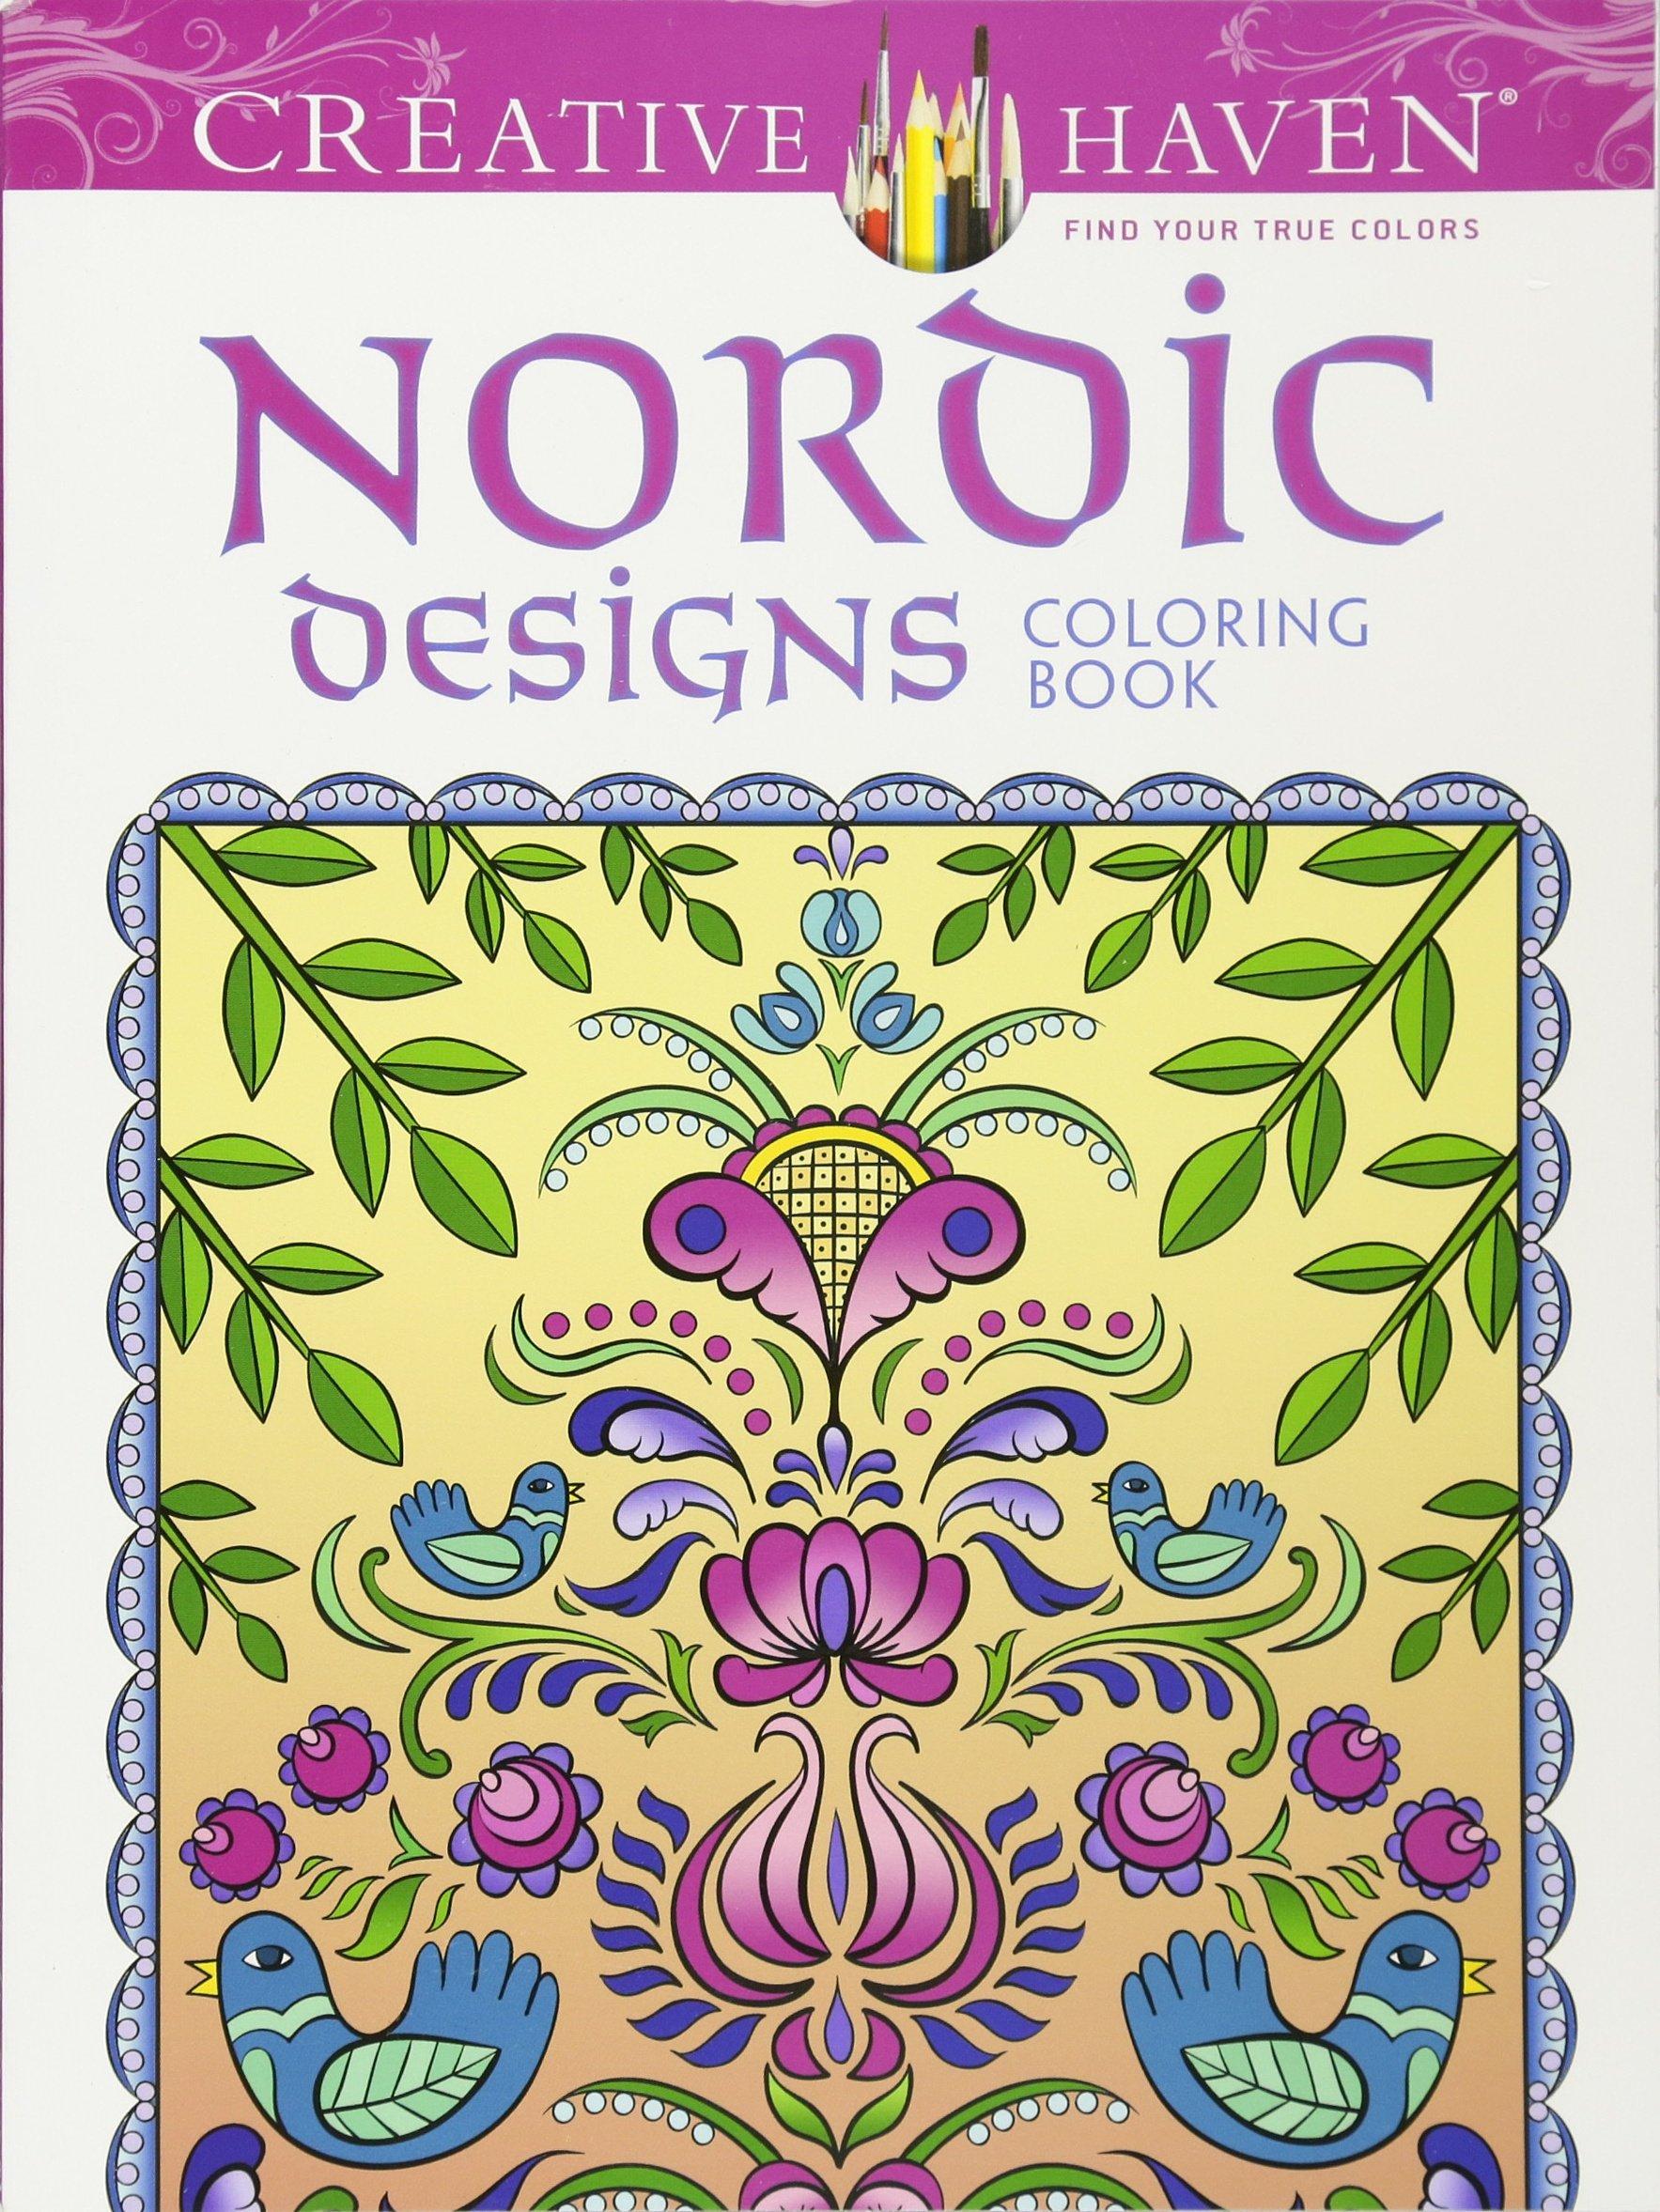 Amazon.com: Creative Haven Deluxe Edition Nordic Designs Coloring ...